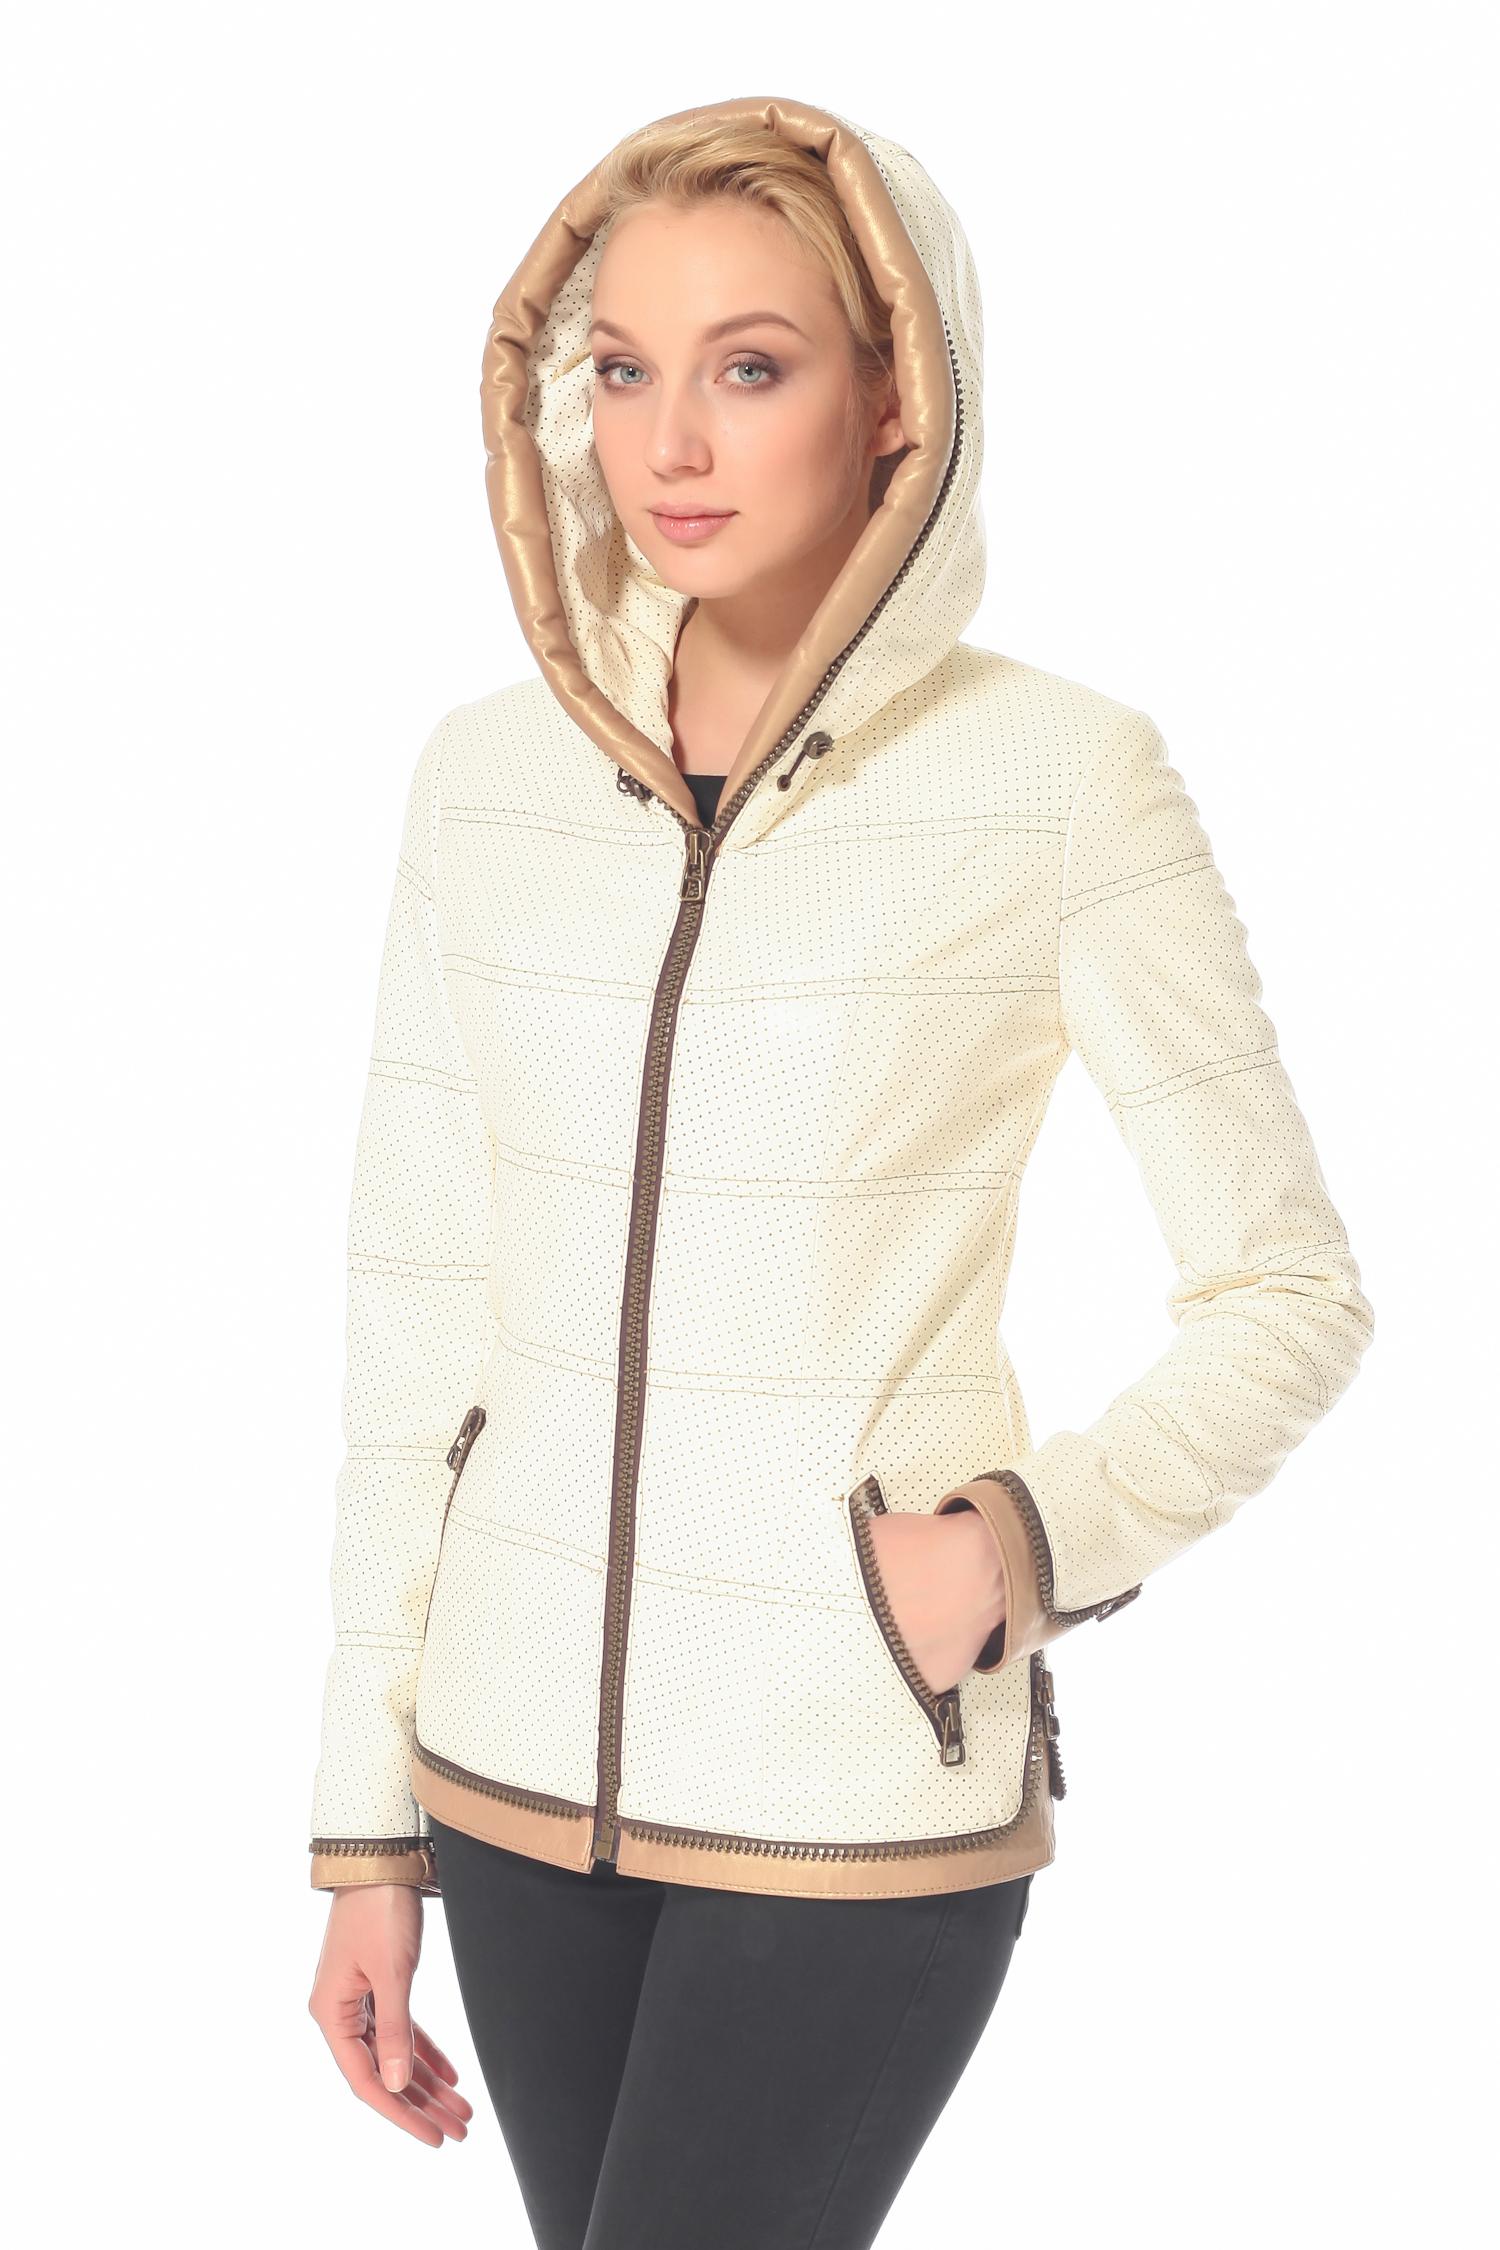 Женская кожаная куртка из натуральной кожи с капюшоном, без отделки<br><br>Воротник: Капюшон<br>Длина см: 60<br>Материал: Плонже/перфорация<br>Цвет: Бежевый<br>Пол: Женский